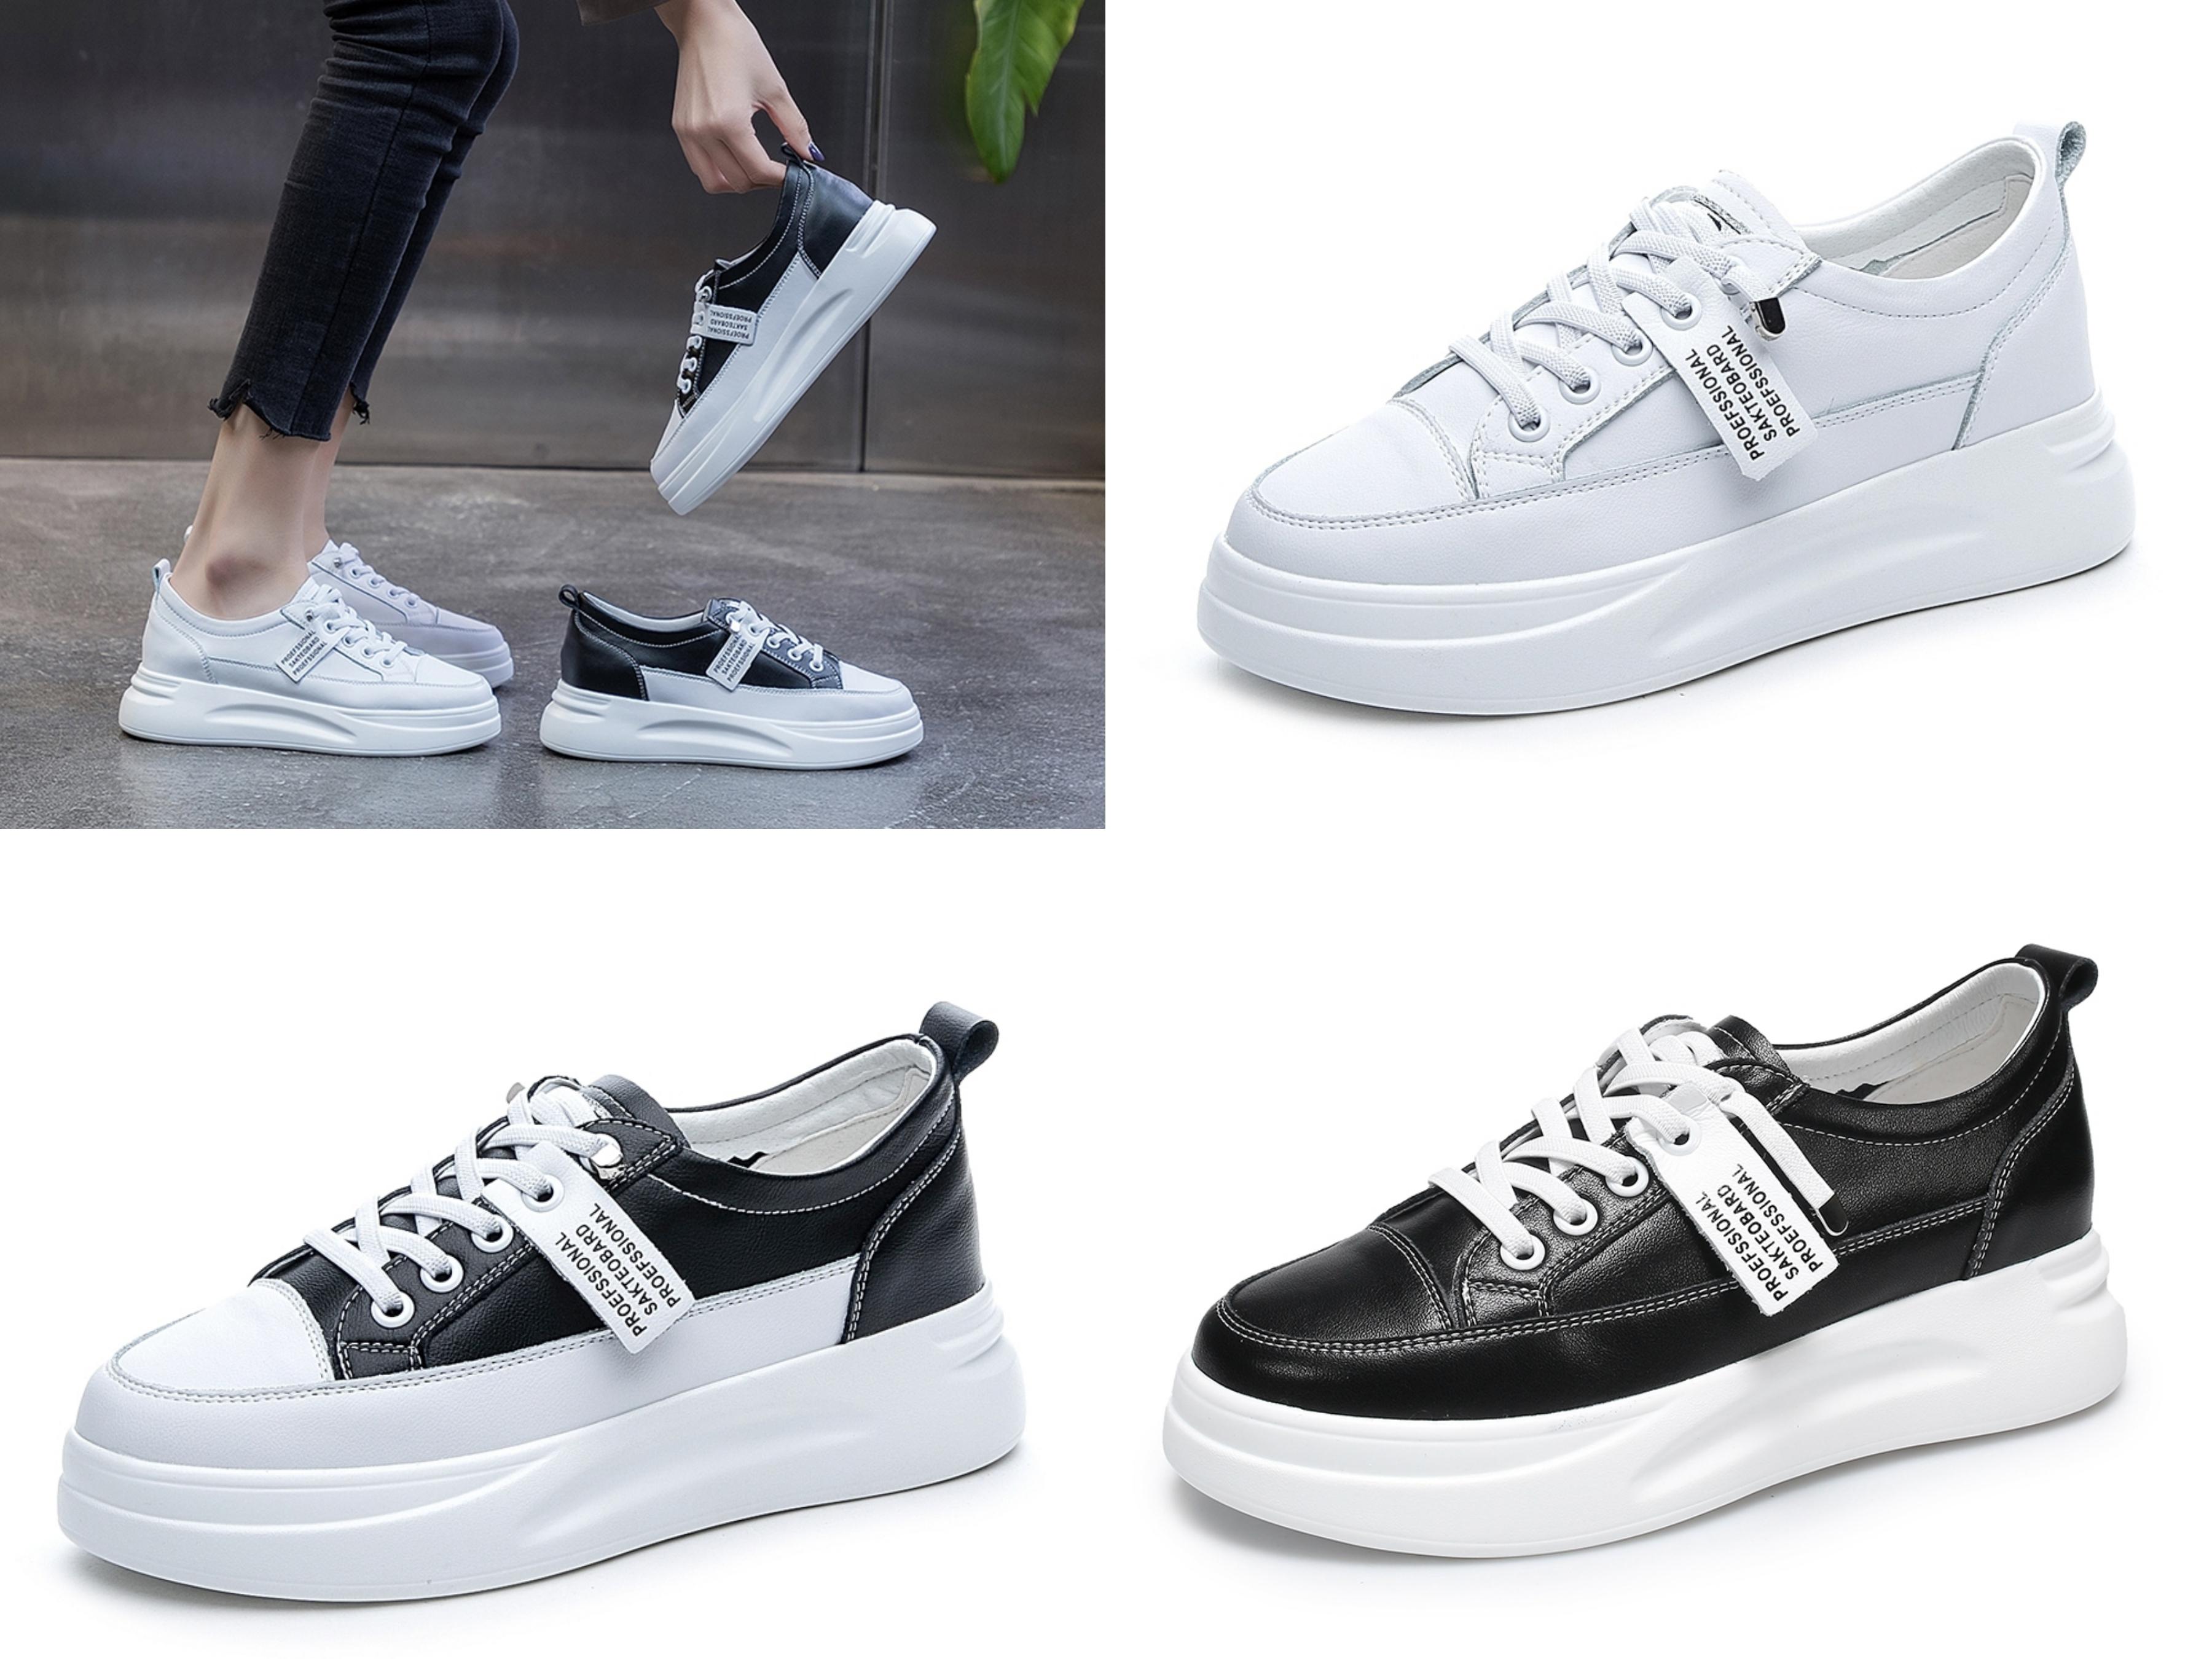 T2R-正韓空運-織帶造型真皮帆布鞋小白鞋(三色) 百搭真皮厚底織帶帆布鞋,三種基本色系超實穿